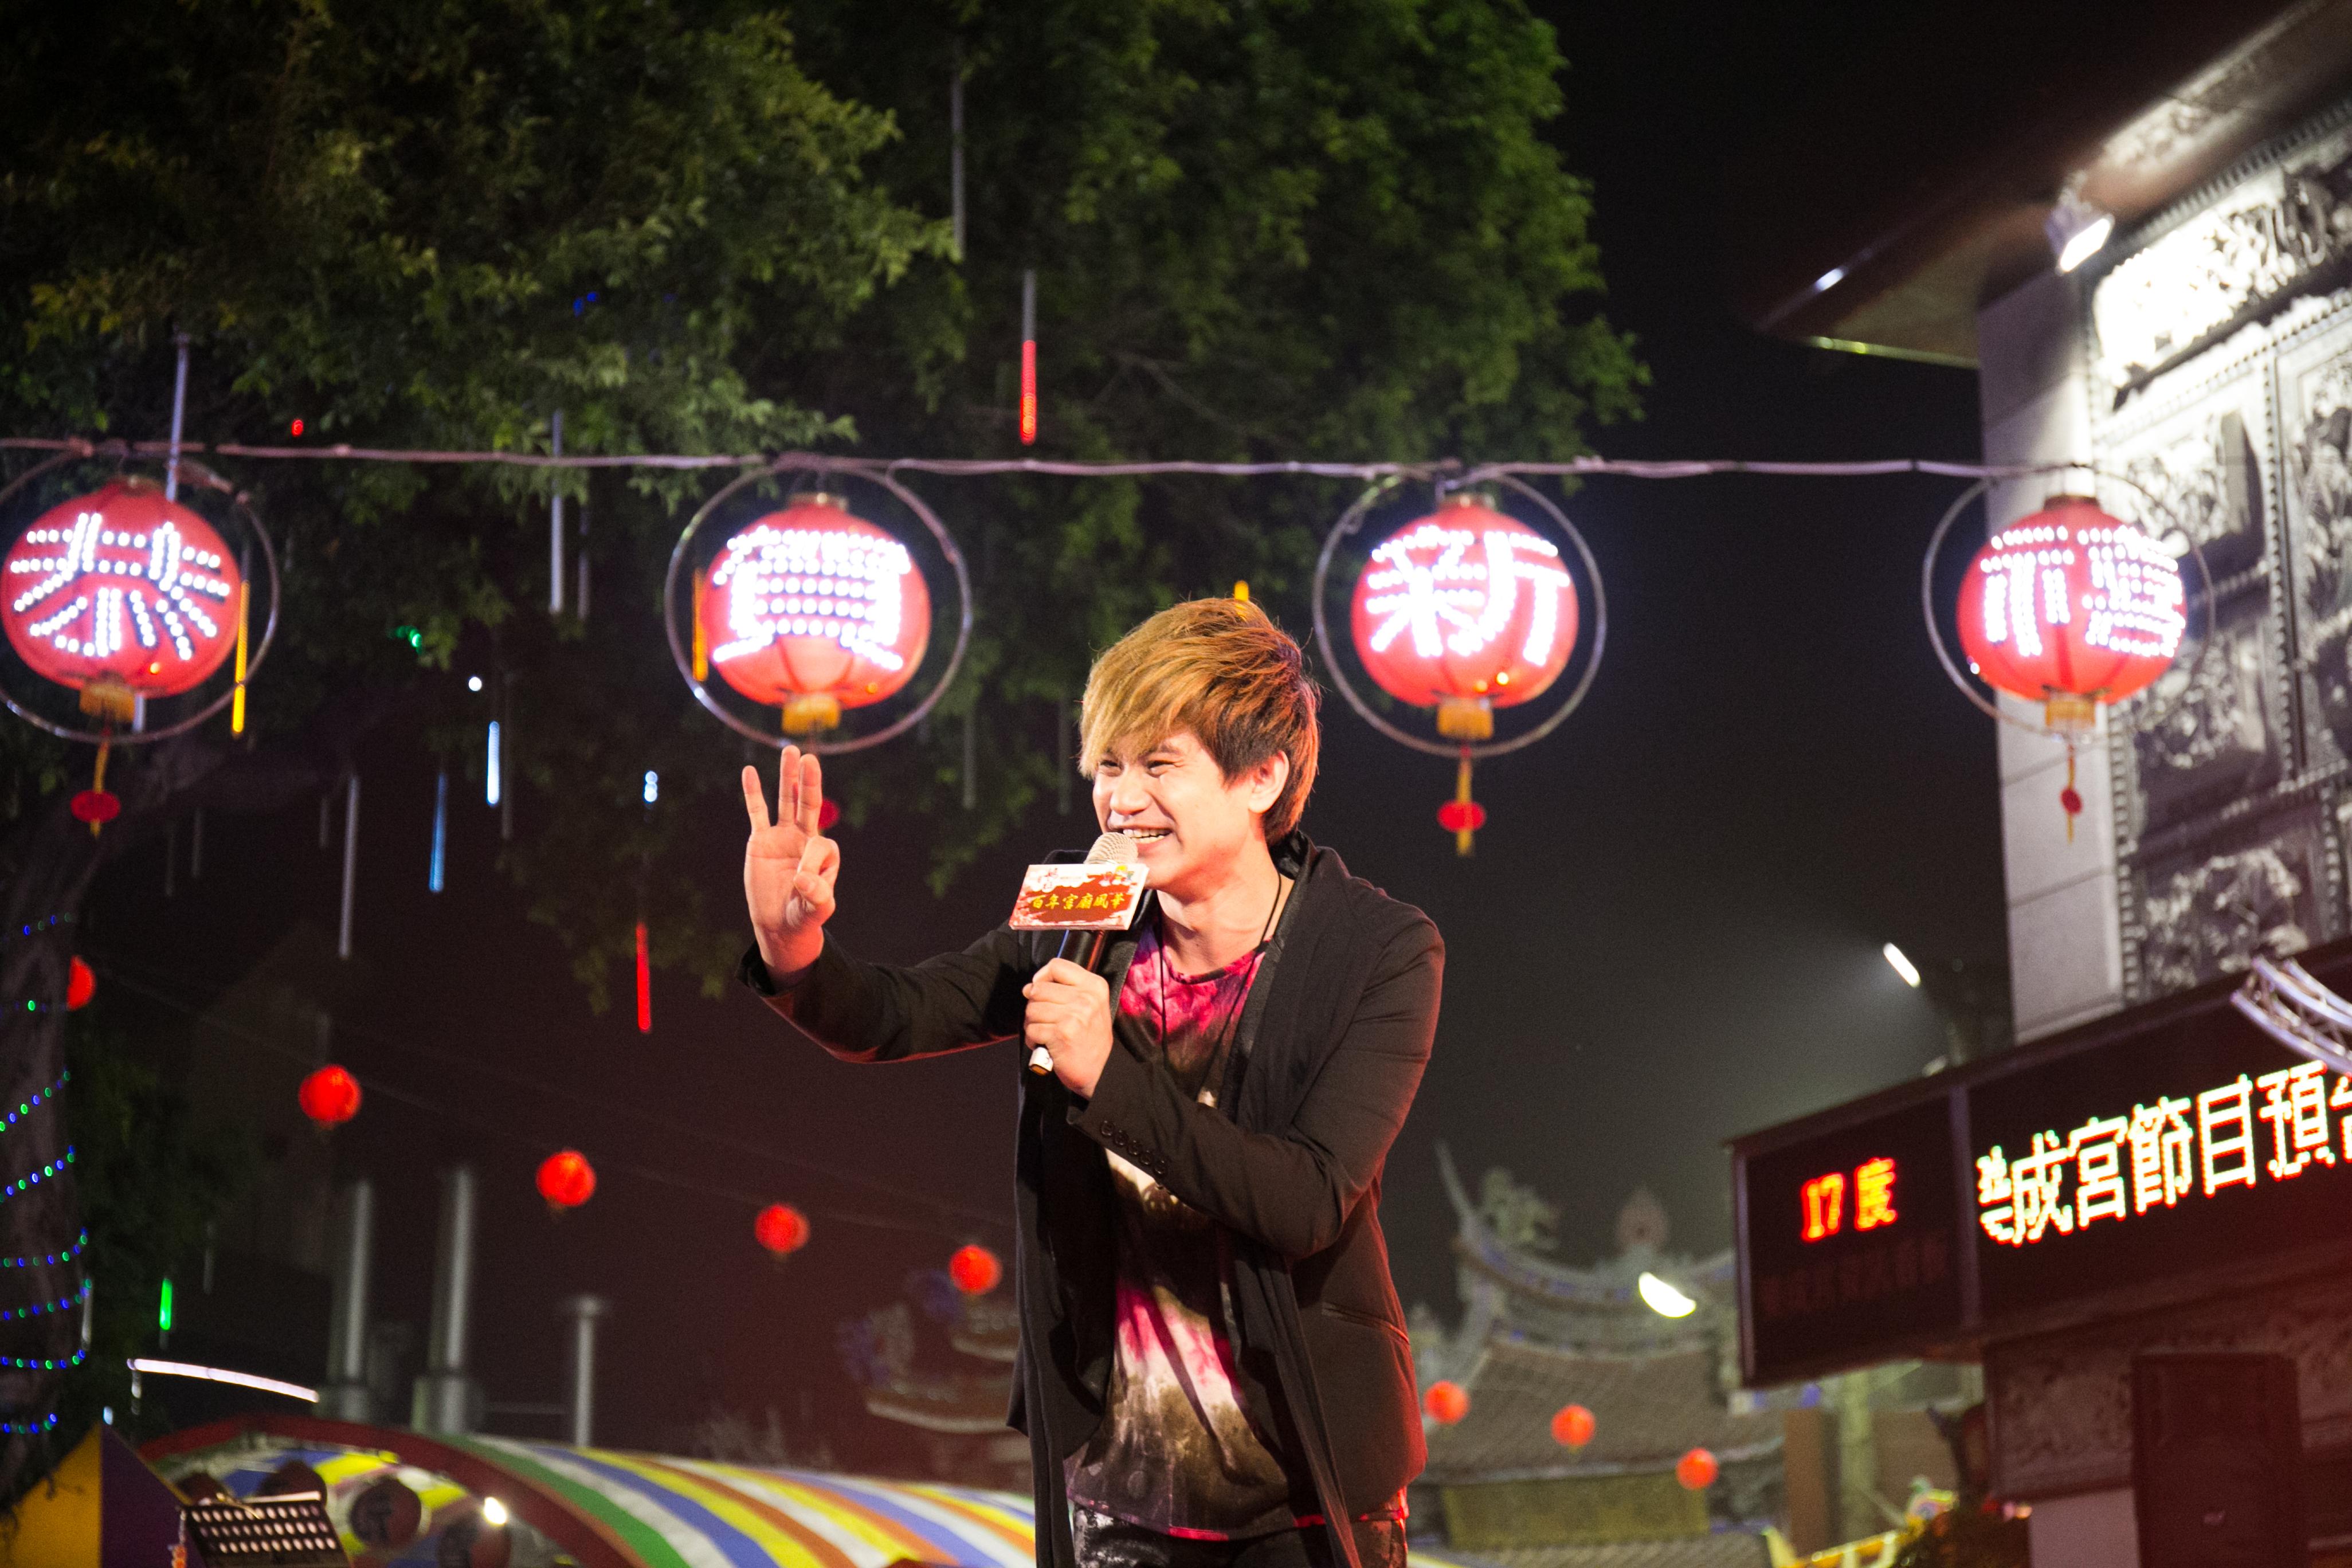 臺中媽祖國際觀光文化節在樂成宮,活動紀錄拍攝者台中婚錄張西米10